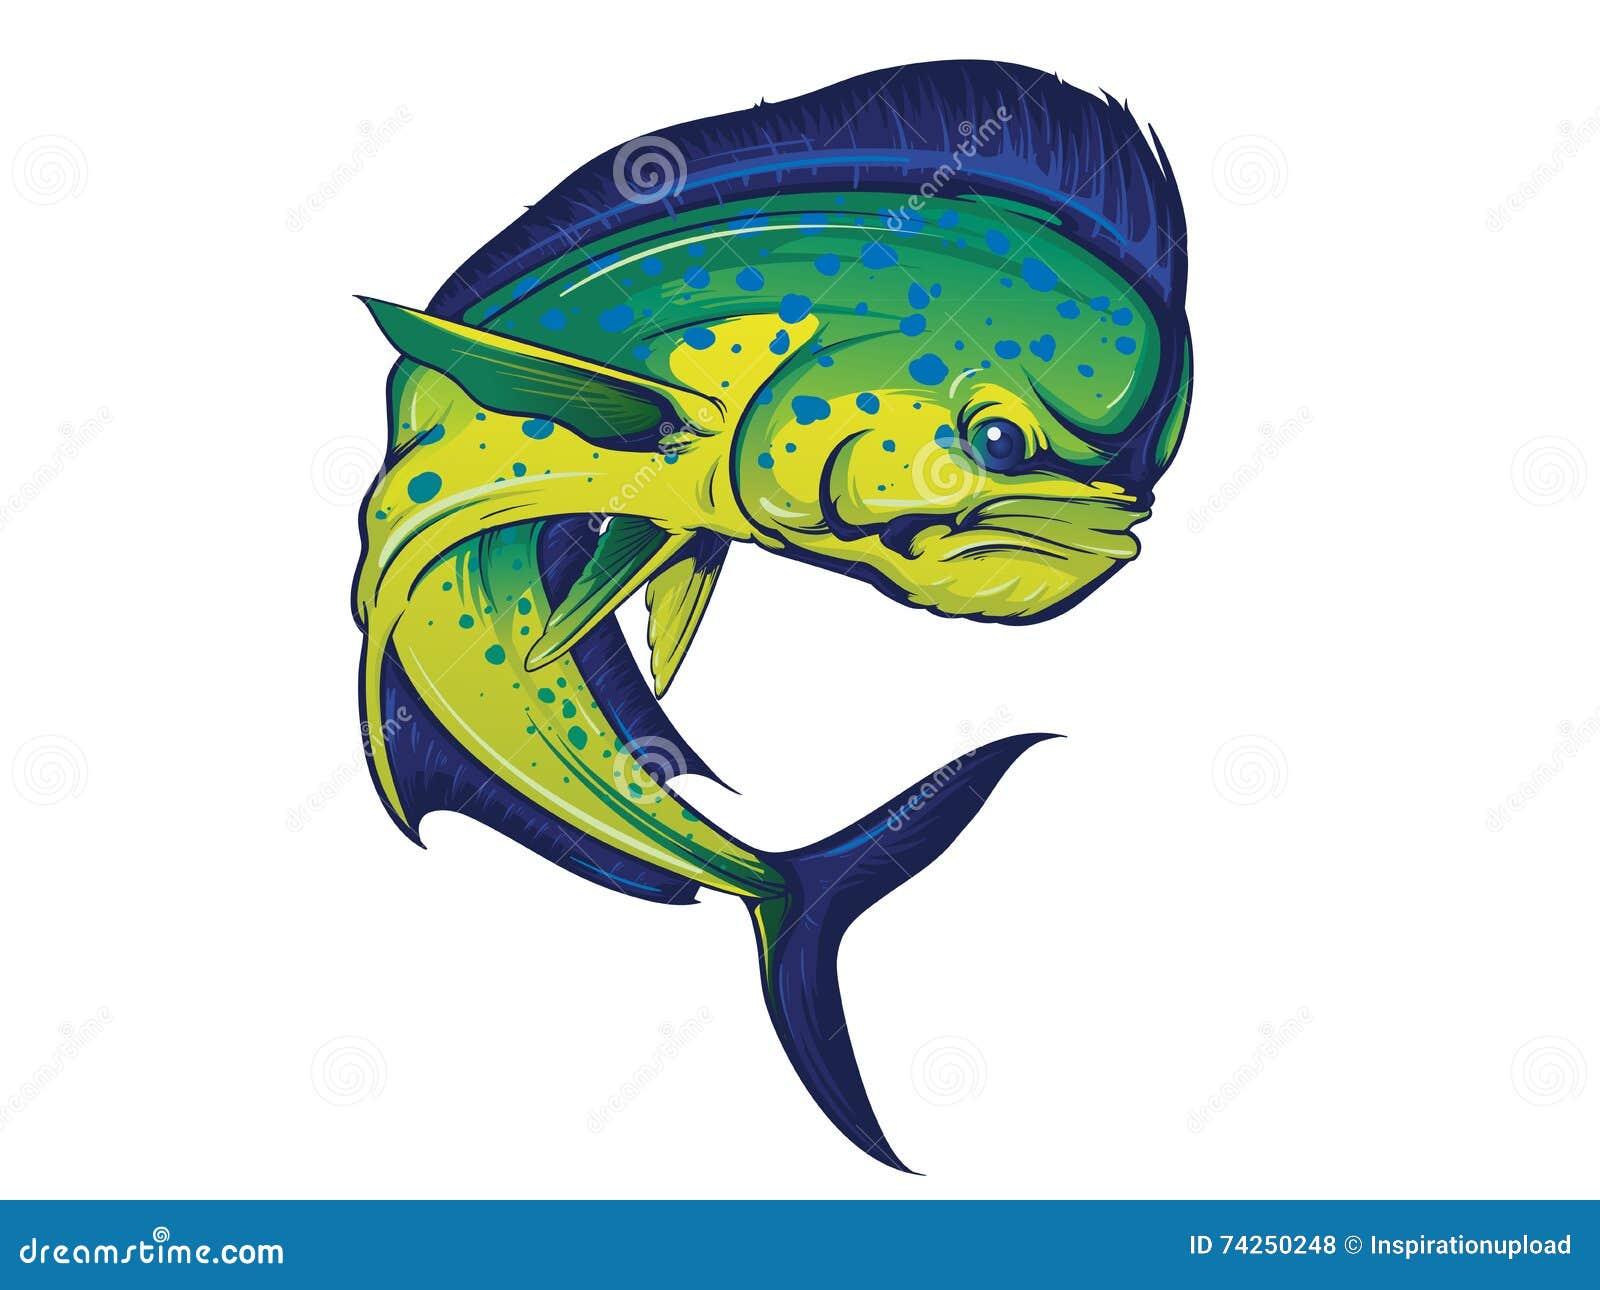 Fish Stock Illustrations – 169,472 Fish Stock Illustrations, Vectors ...